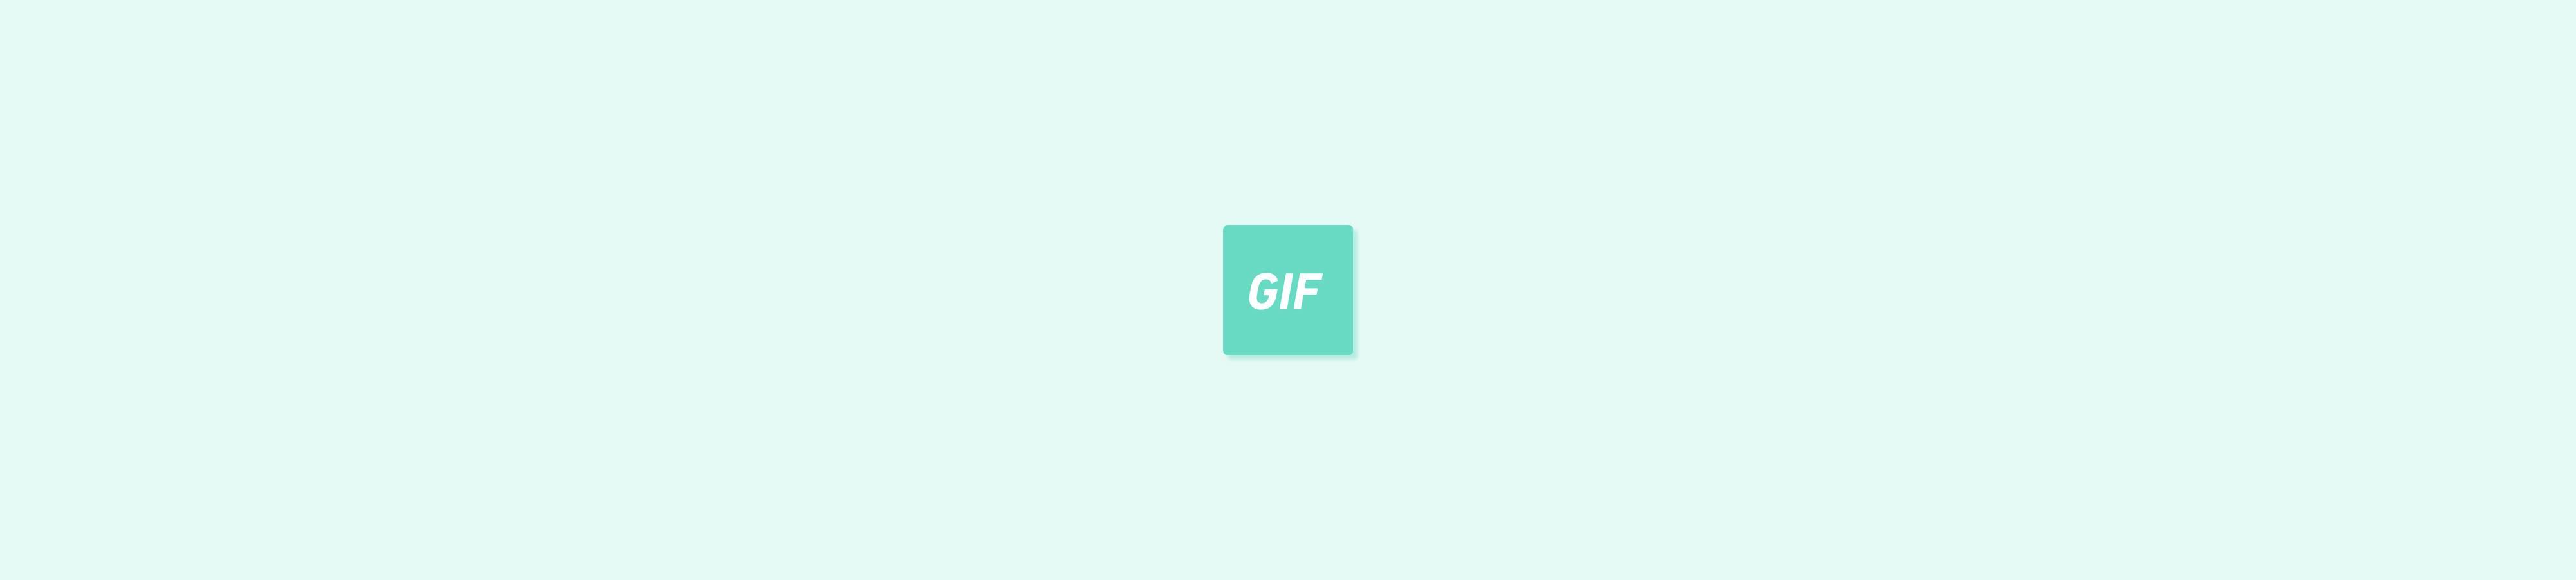 近乎完美!GIF压缩新增缩放、强度选择两个杀手级功能